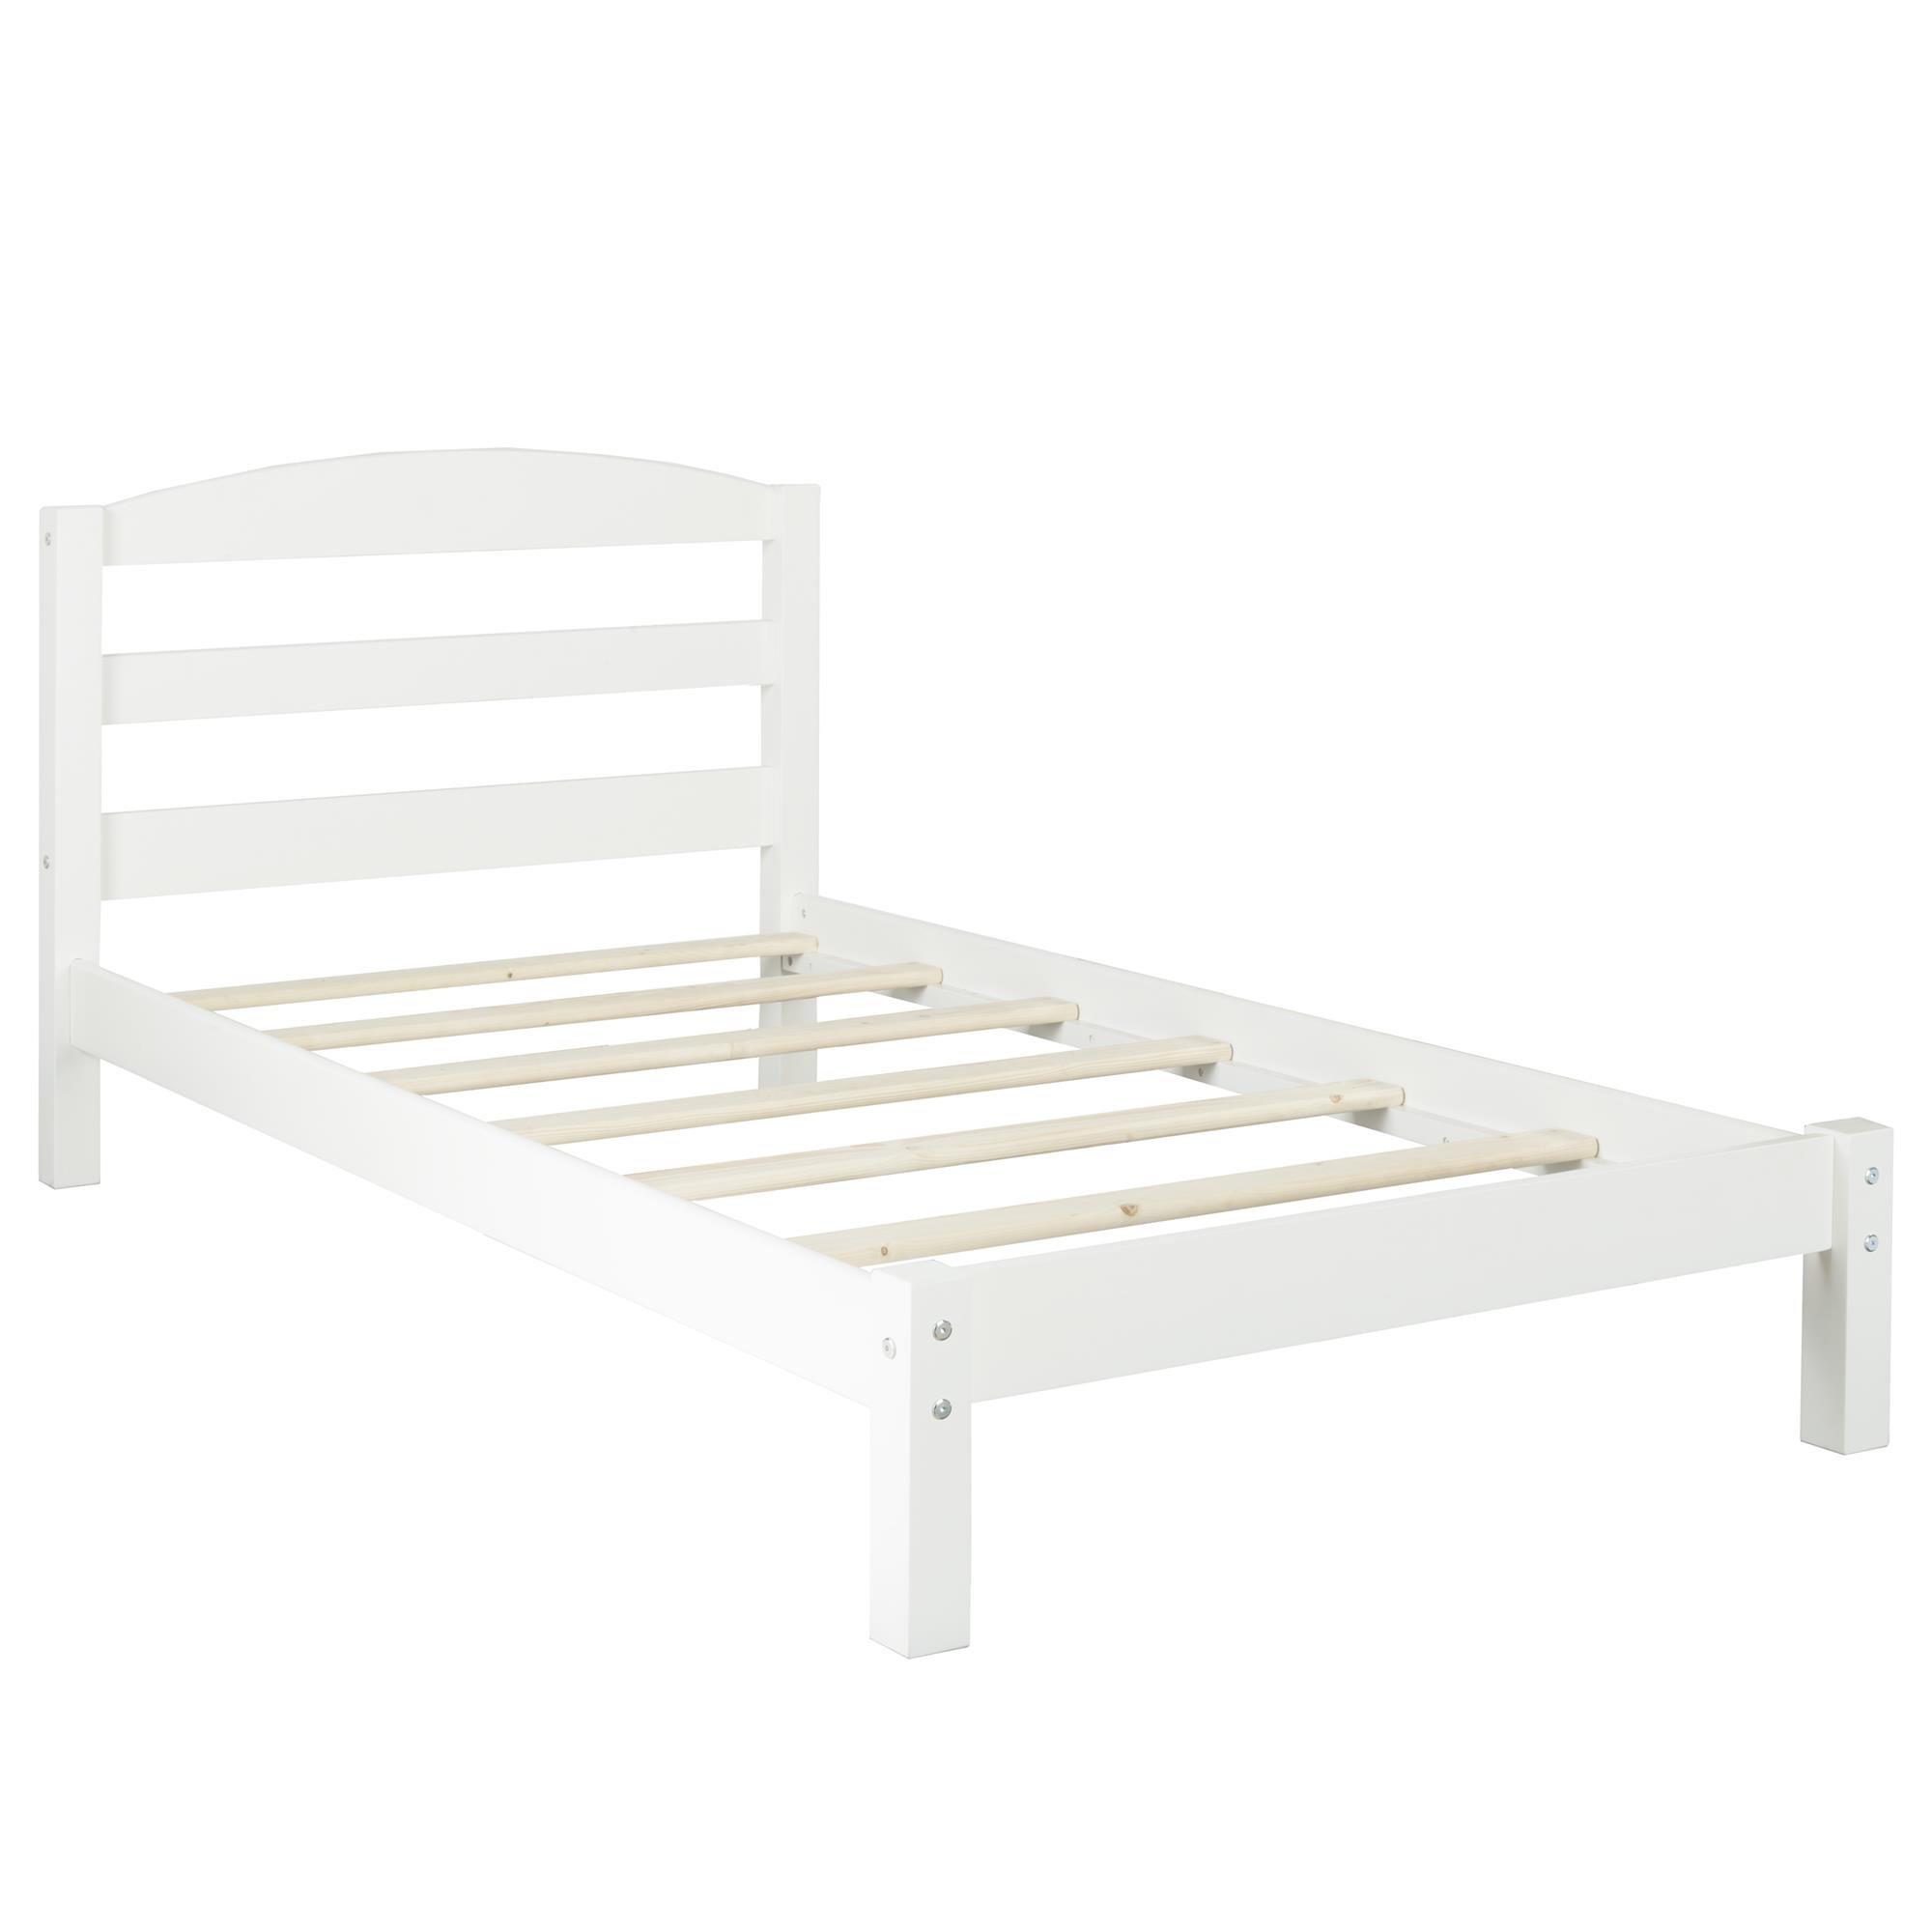 Dorel Living Braylon Twin Bed, White by Dorel Living